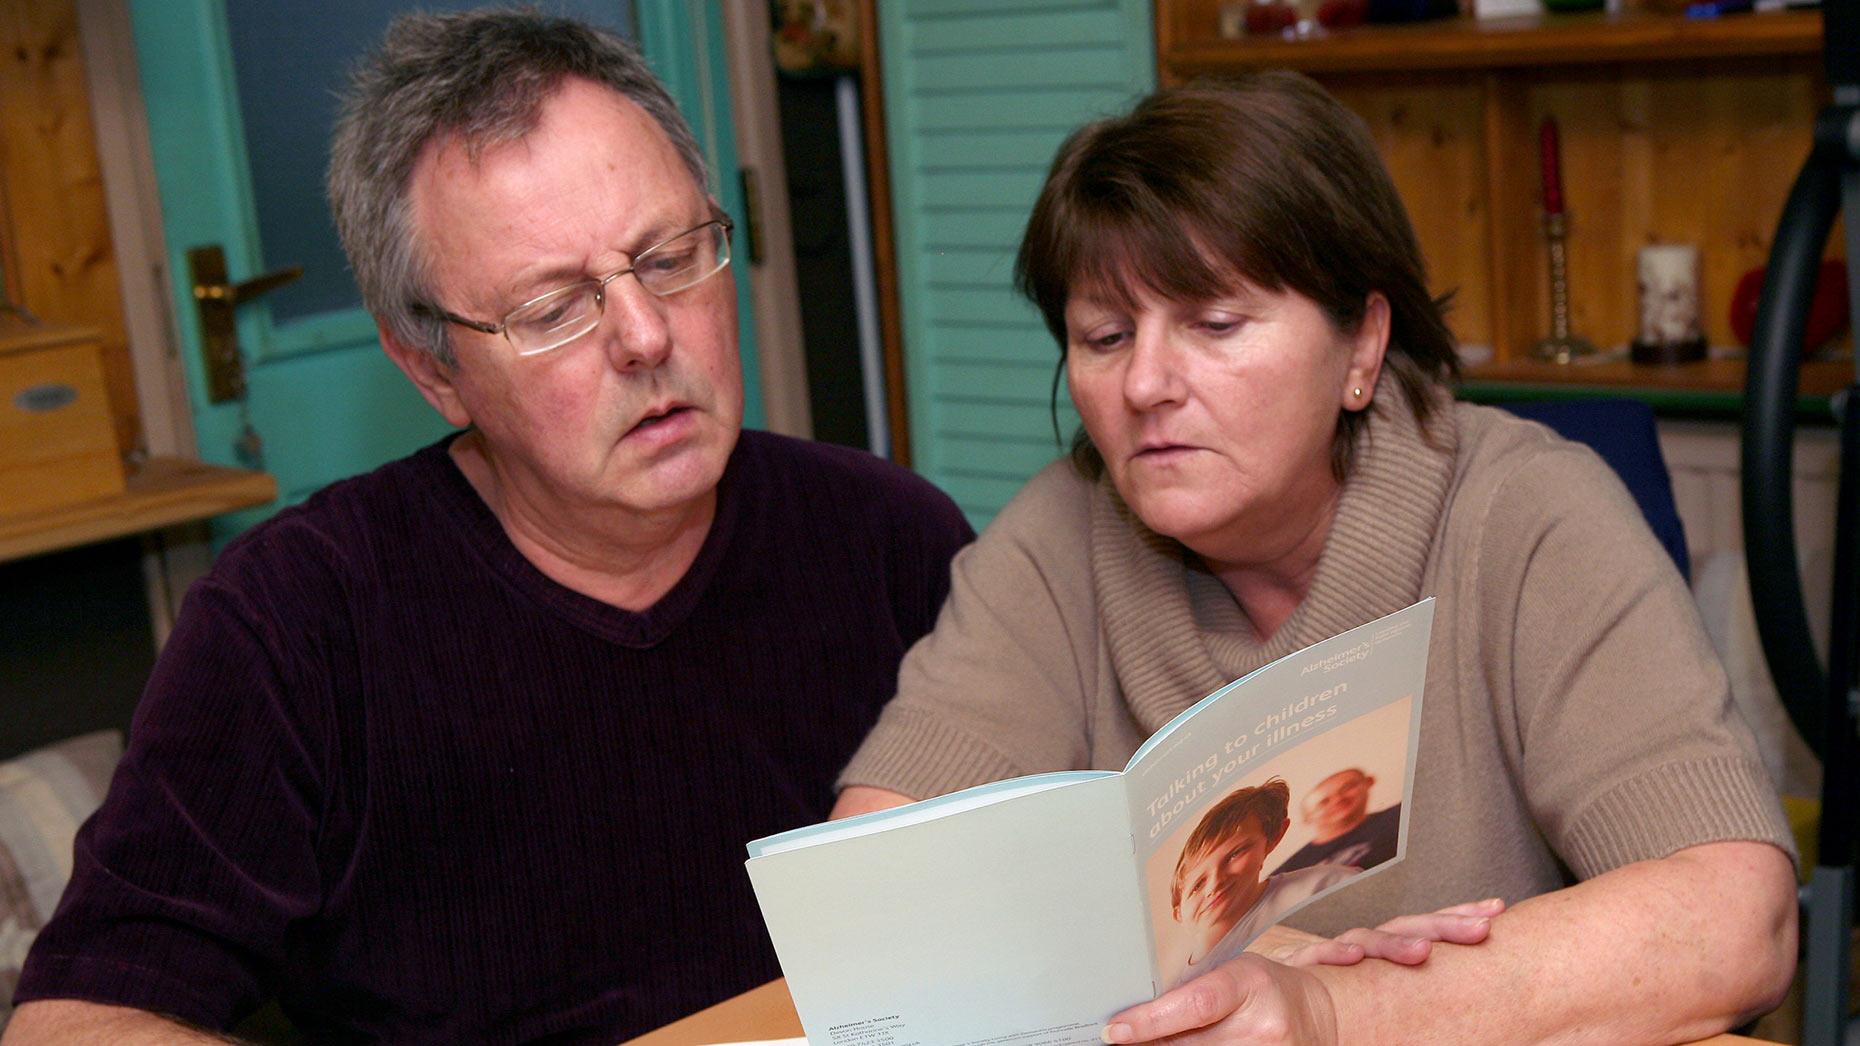 how to help dementia patients swallow